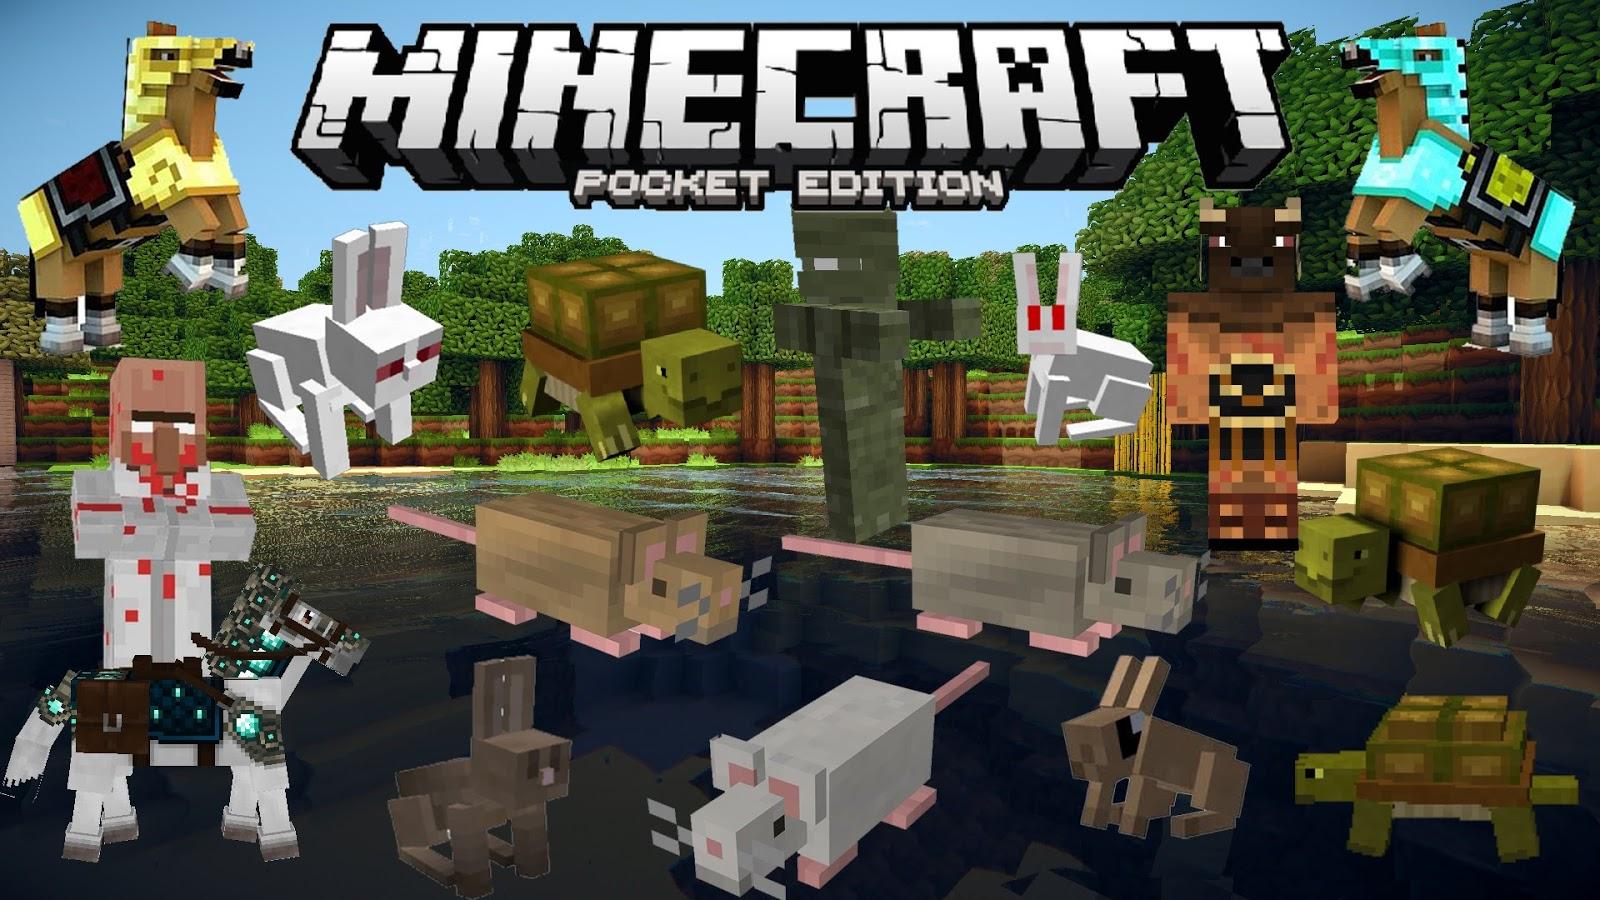 Descargar Minecraft Pocket Edition Gratis Y Full 2018 2019